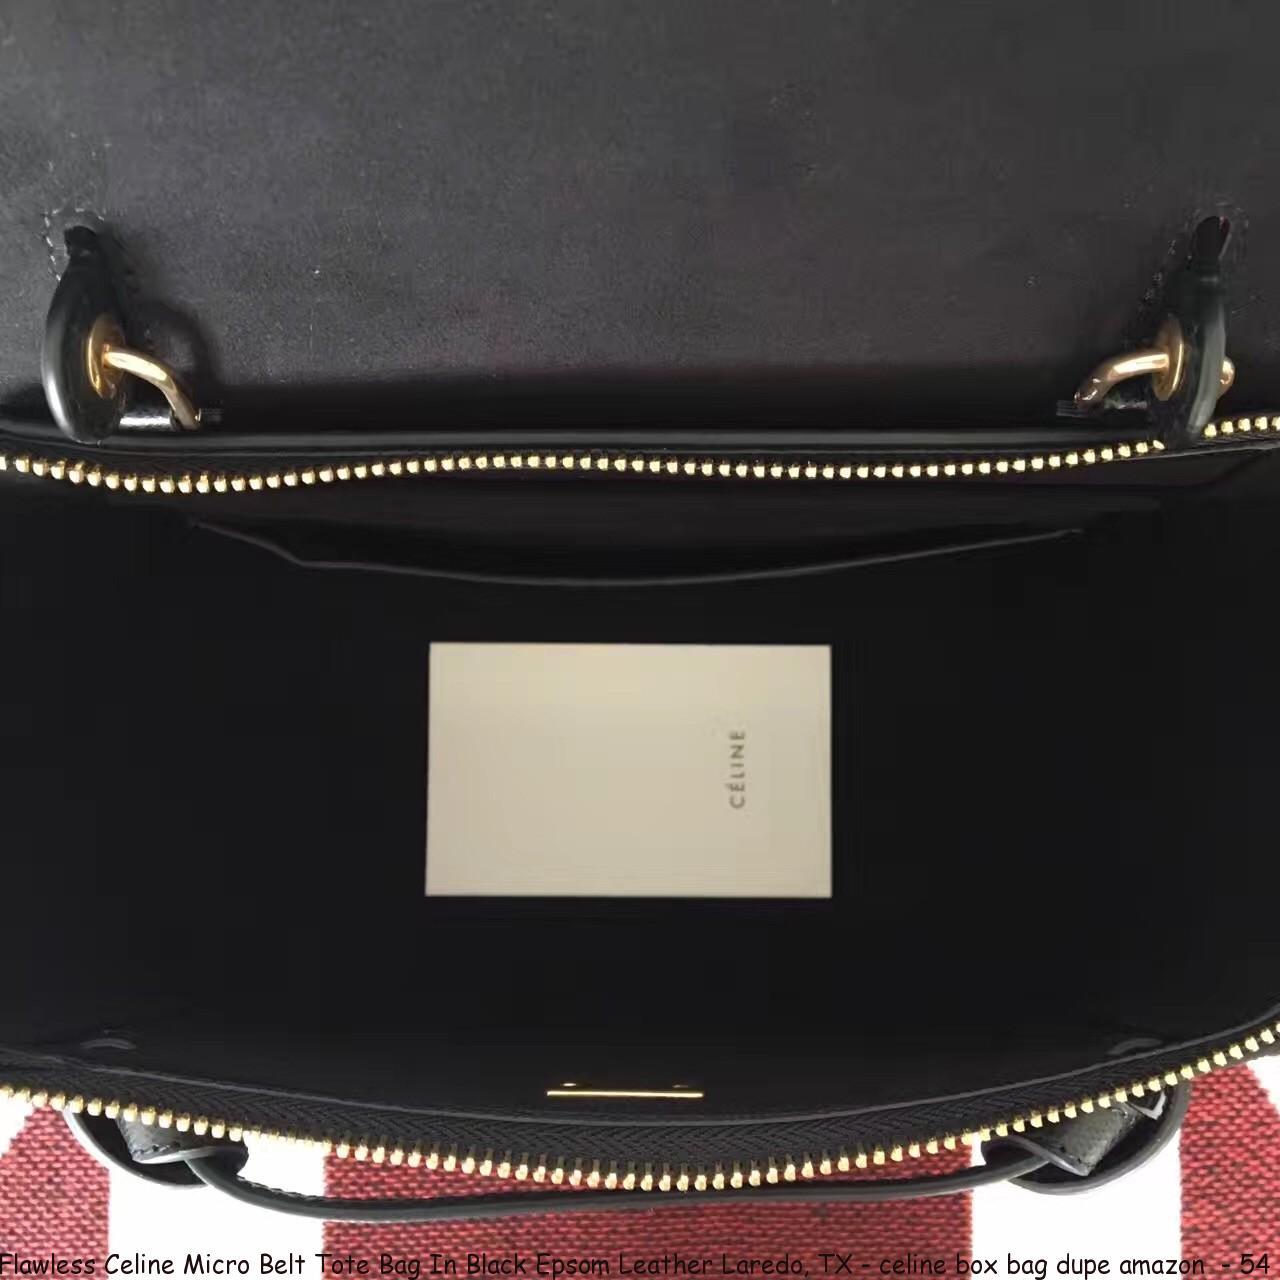 Flawless Celine Micro Belt Tote Bag In Black Epsom Leather Laredo Tx Celine Box Bag Dupe Amazon 54 Cheap Replica Celine Handbags 70 Off